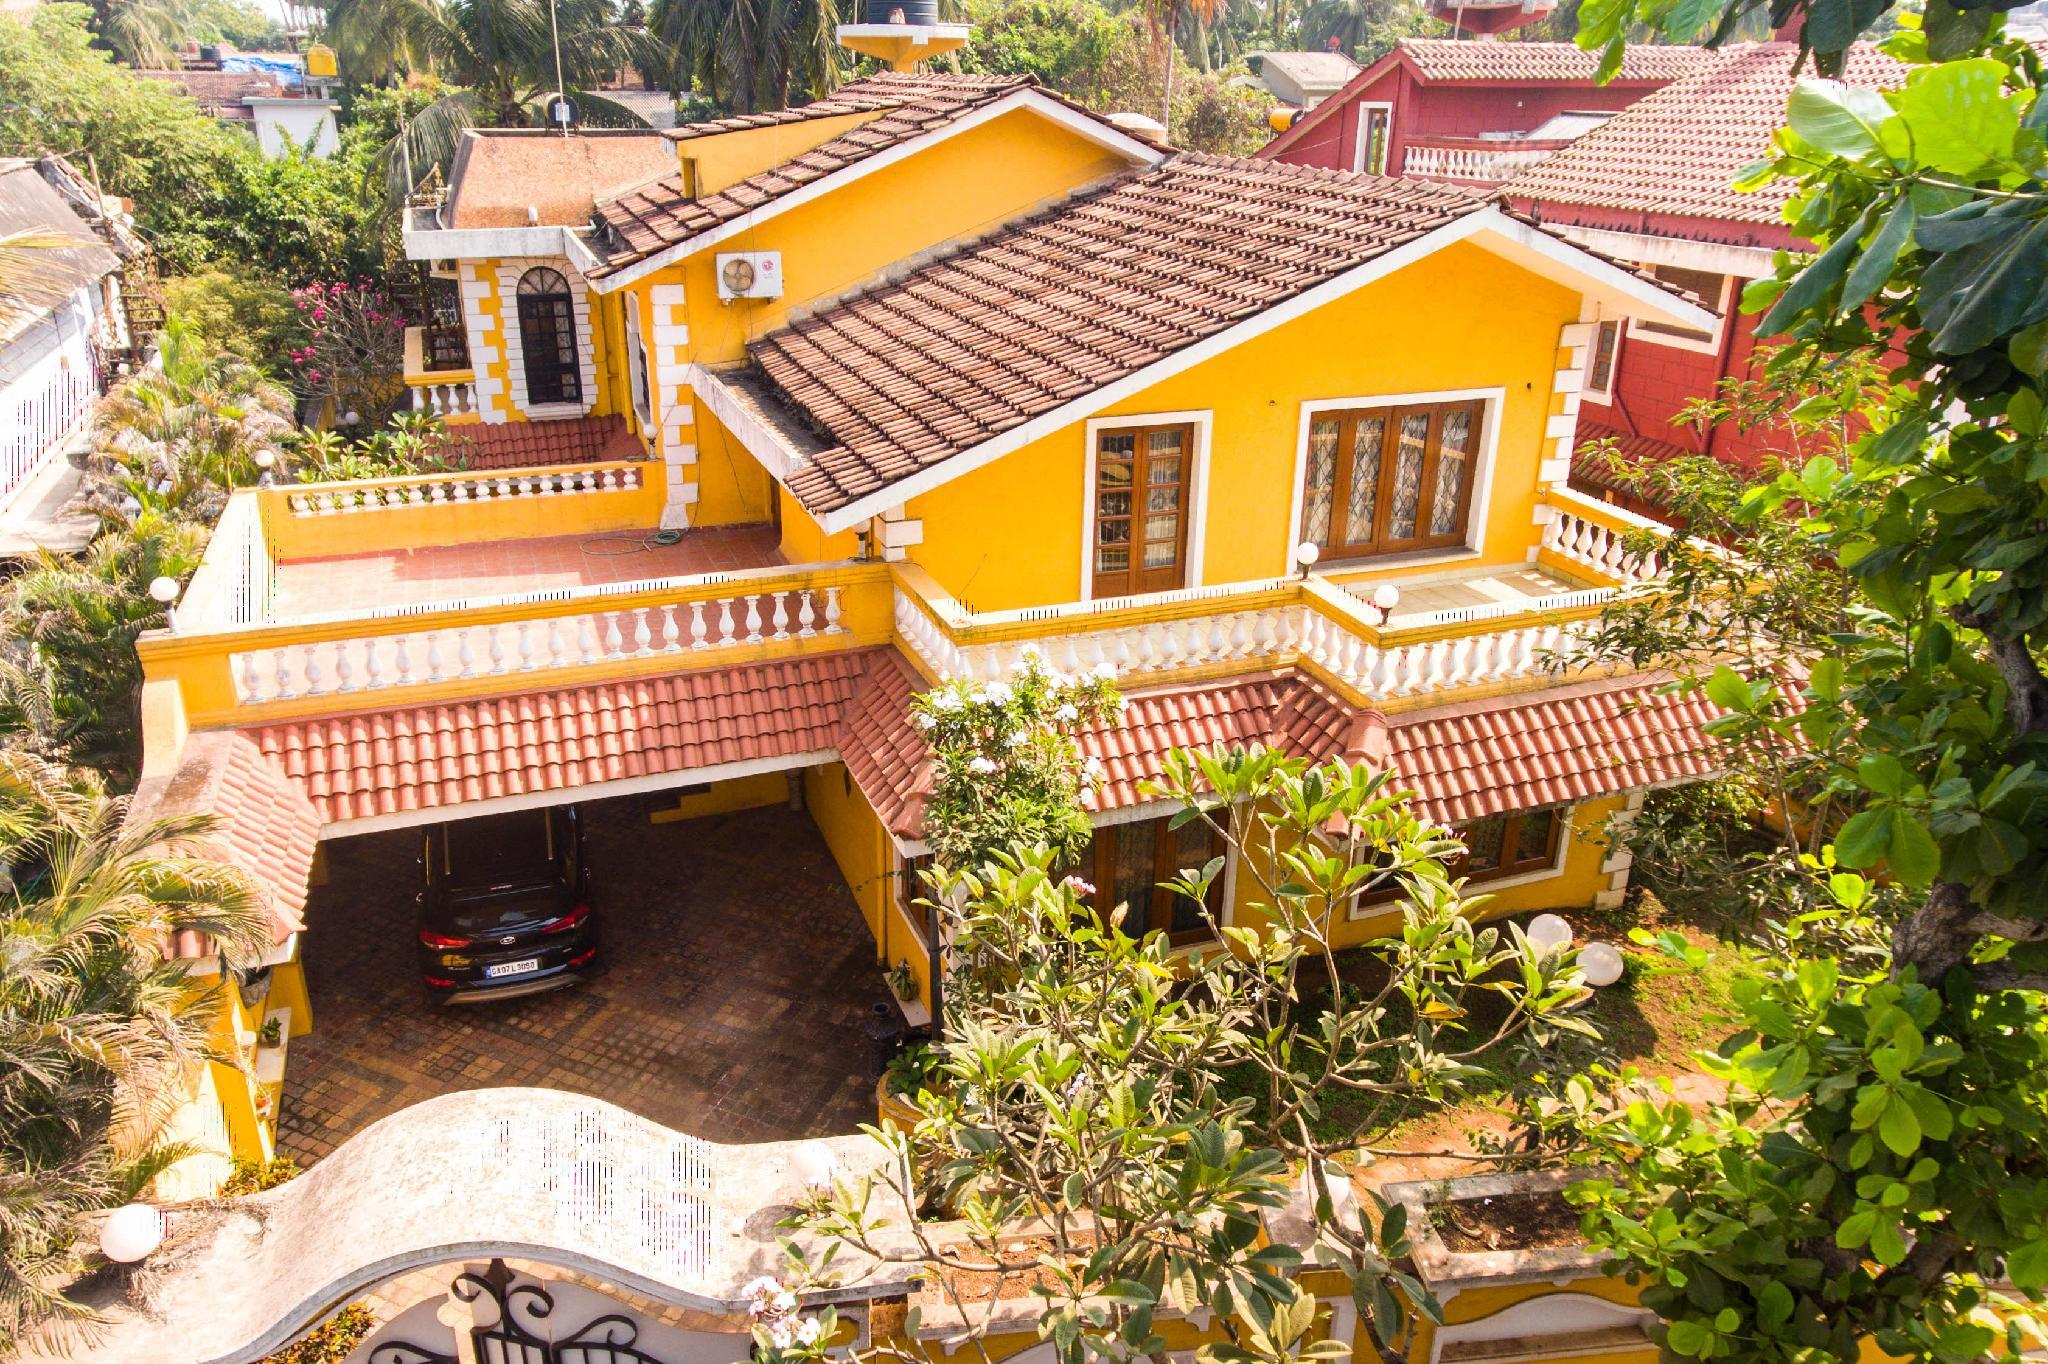 Private Villas In Portugal 4bhk portuguese style luxurious villa in north goa, india